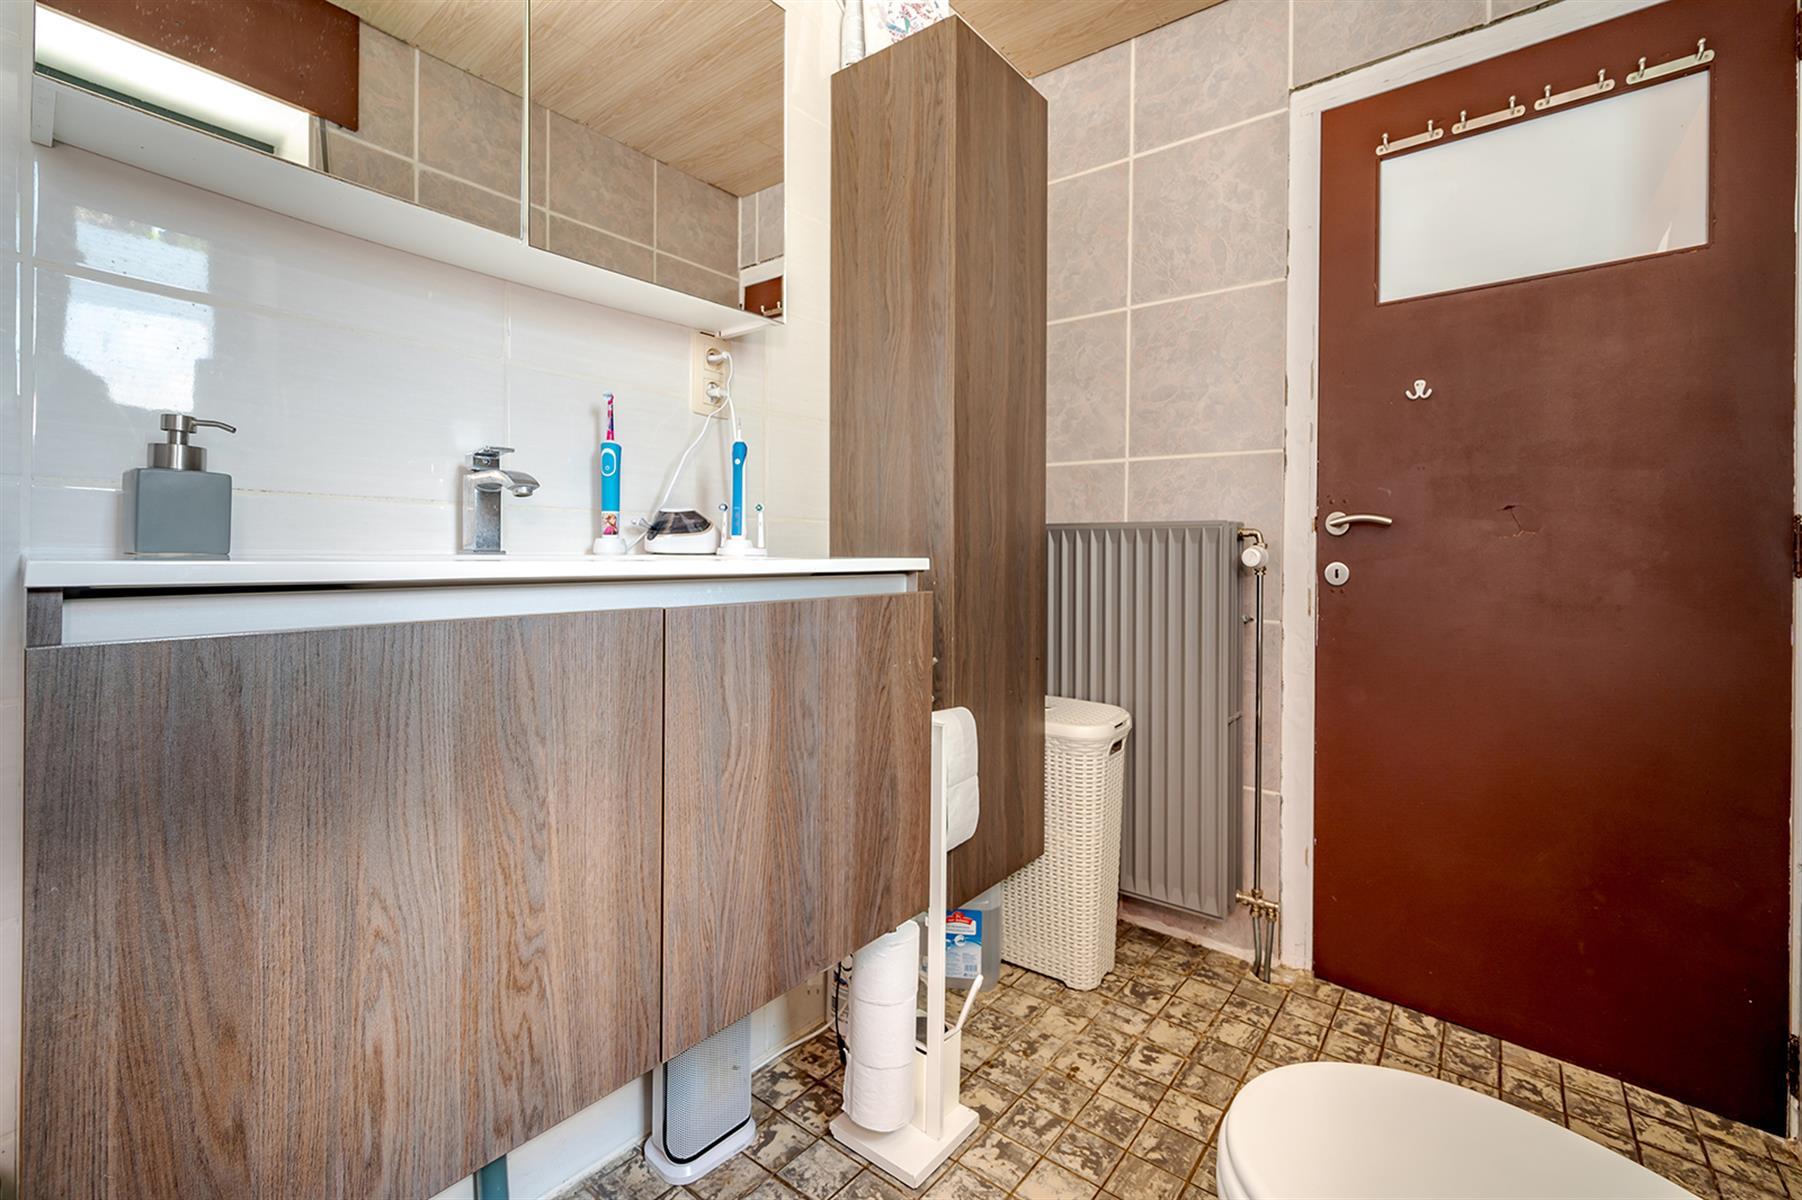 Maison - Villersle-Bouillet Warnant-Dreye - #4392377-9